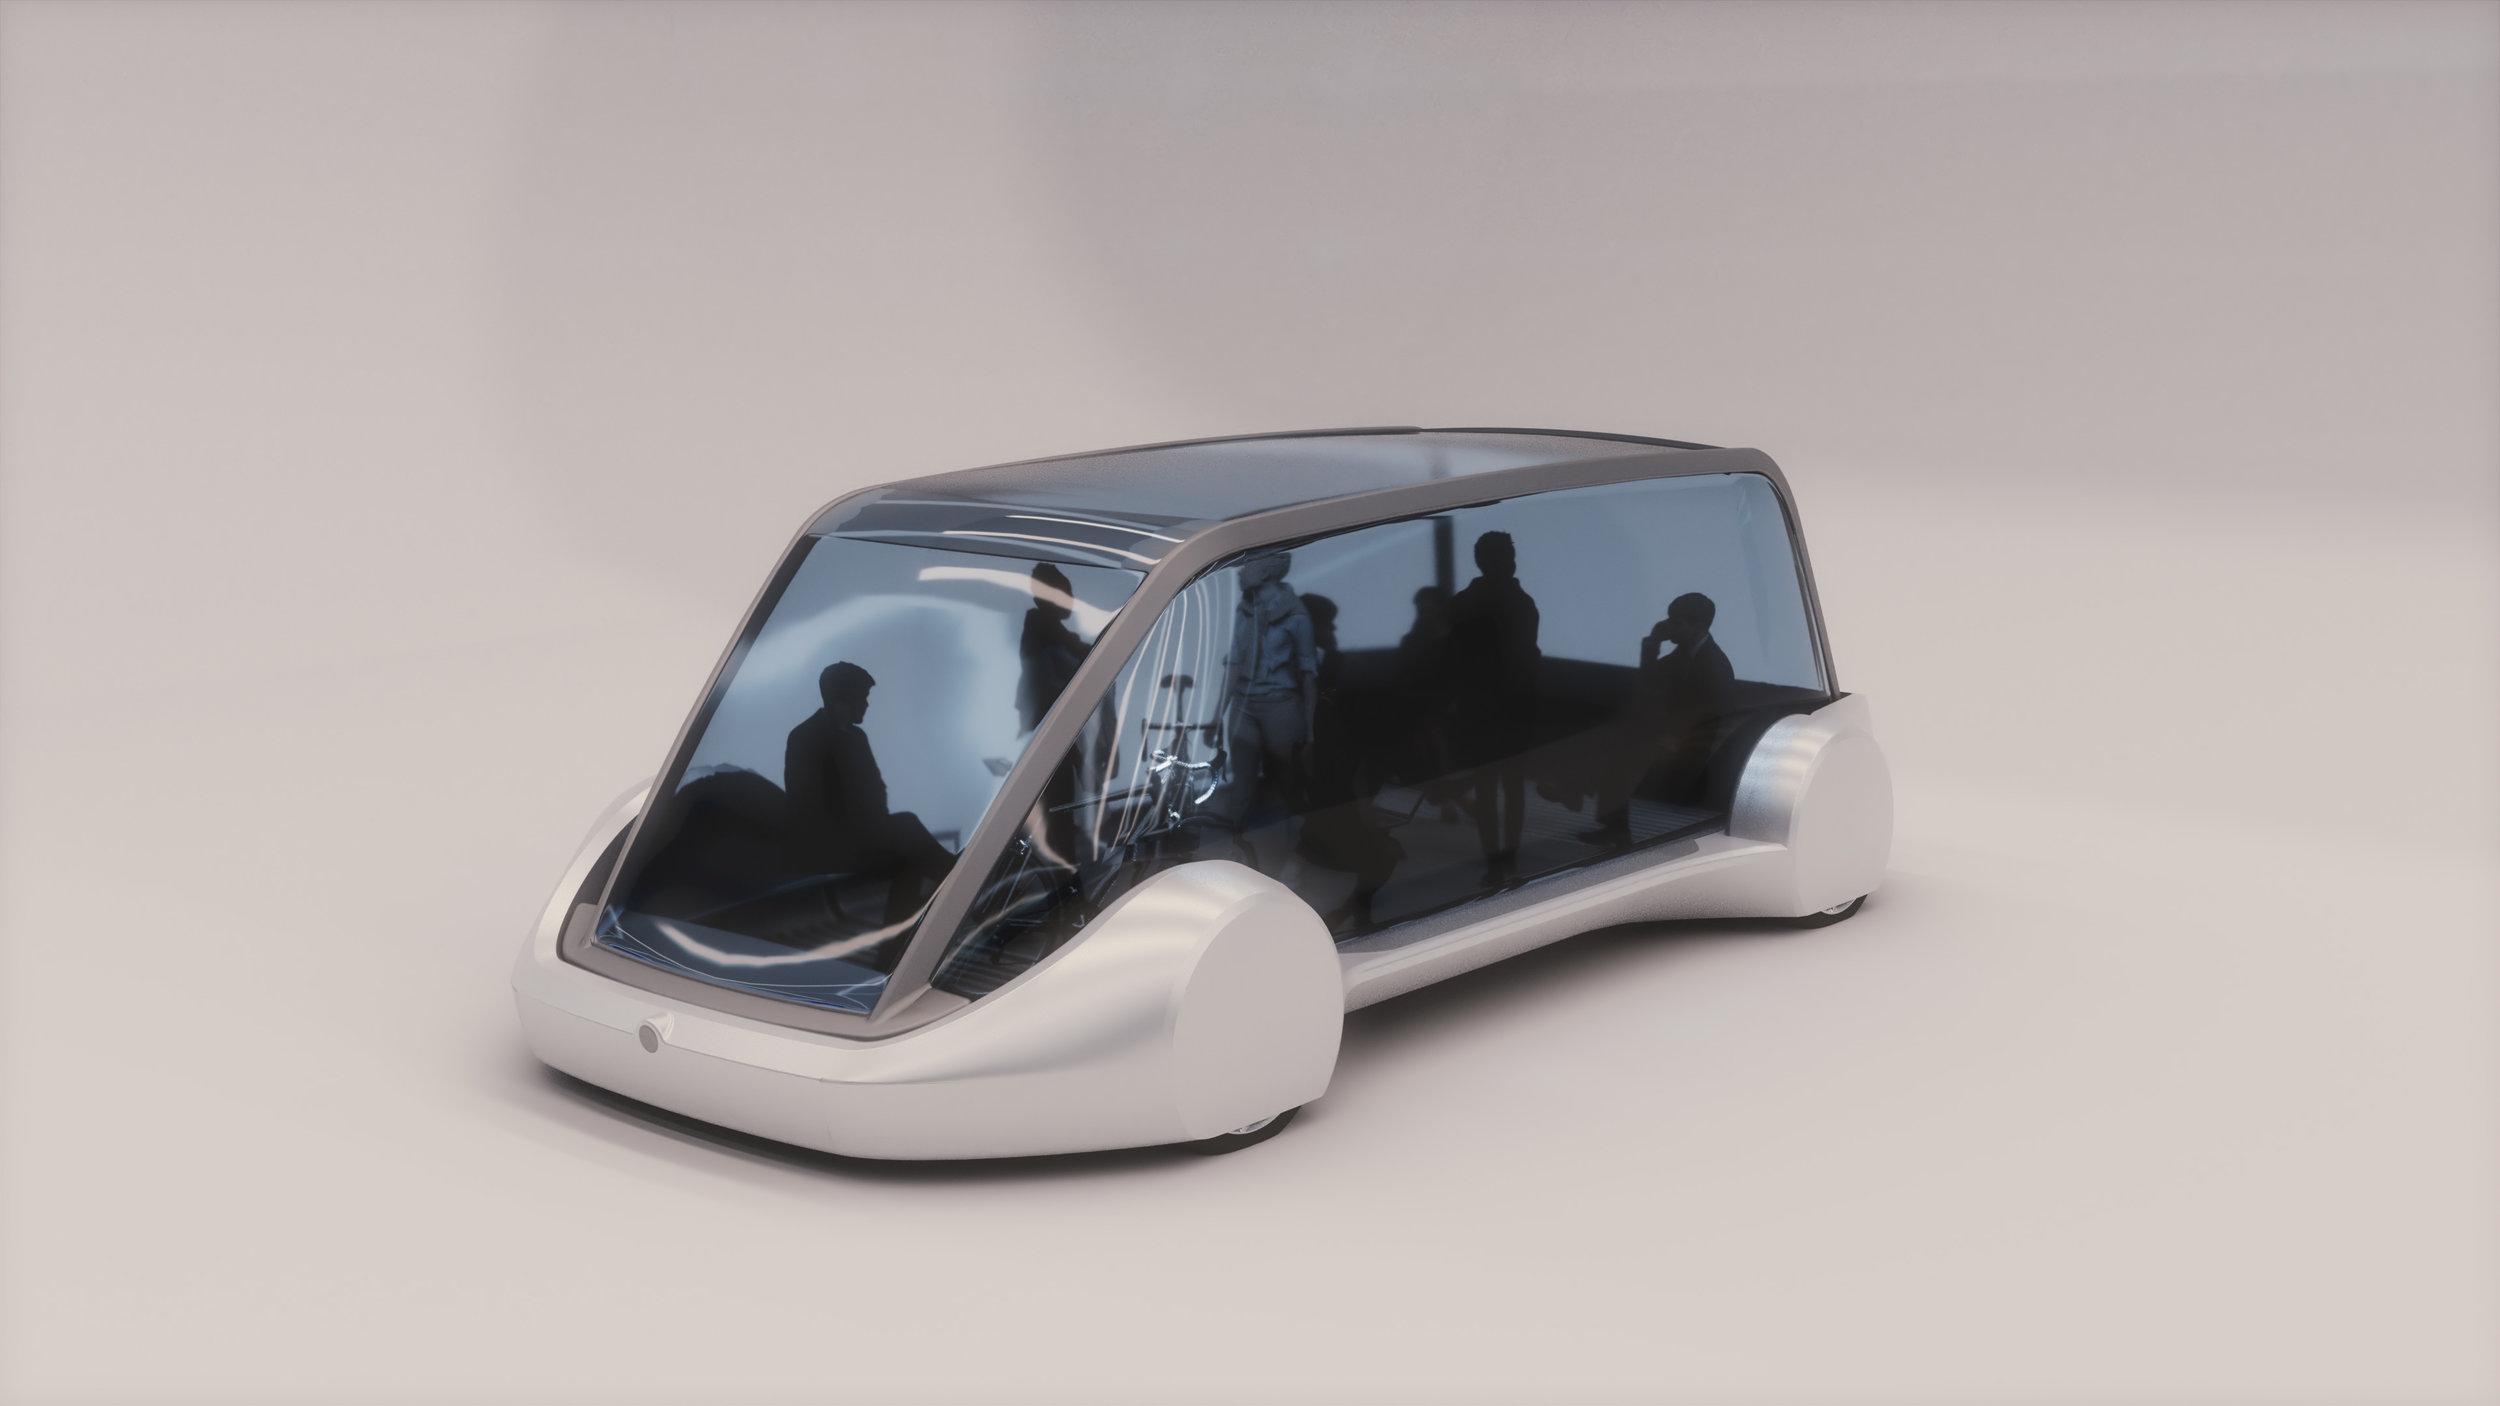 Из Чикаго в аэропорт на автономных тележках под землёй: проект Loop от Илона Маска